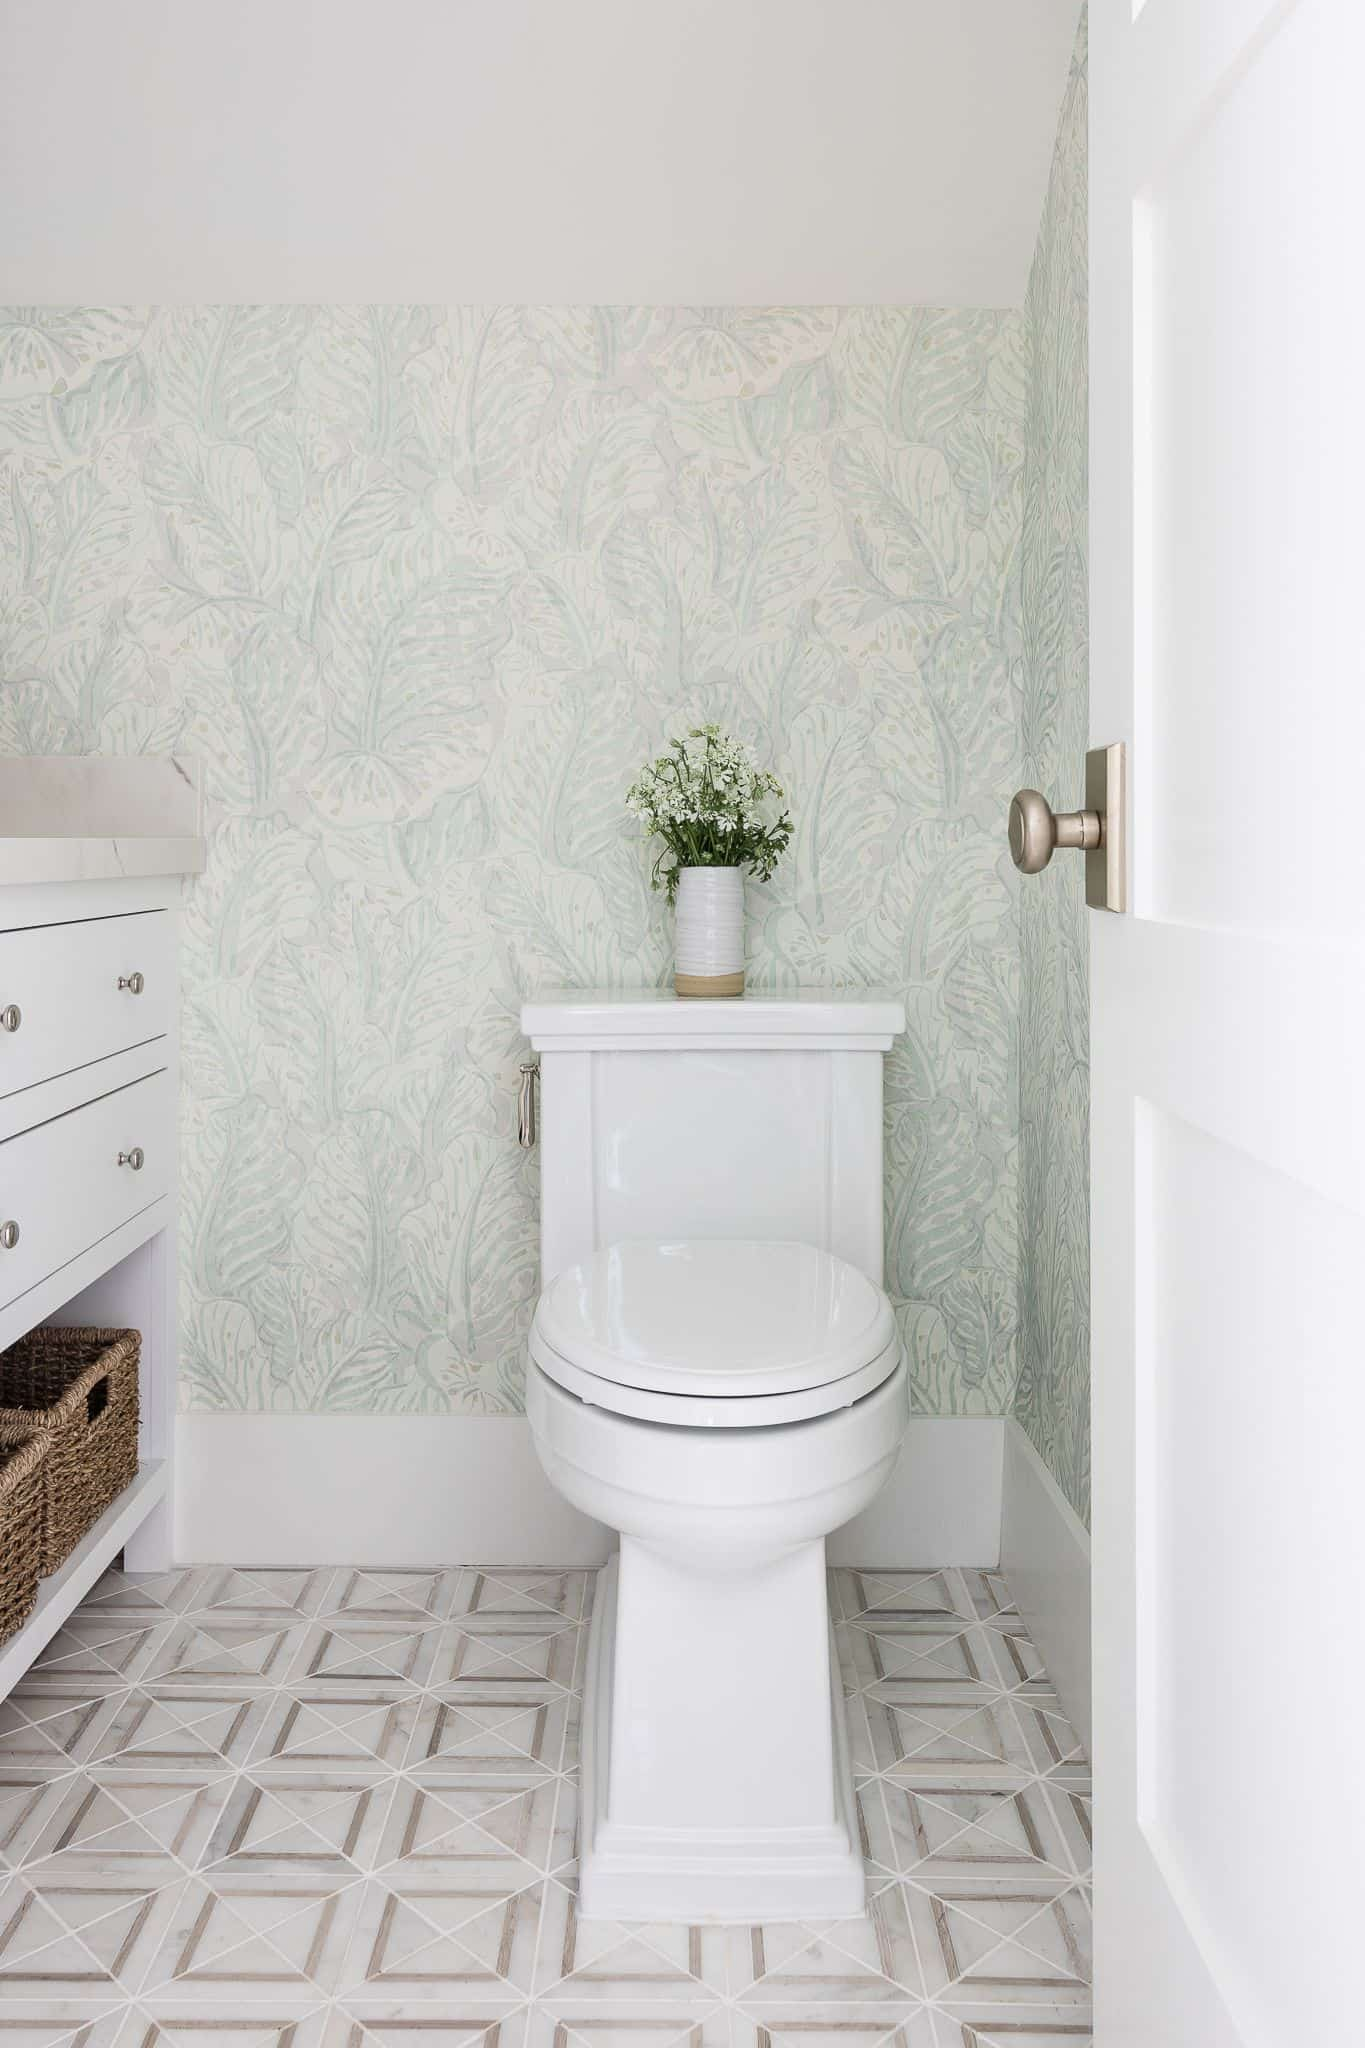 Port Newport Project - Mindy Gayer Design Co. - Wallpaper Powder Room